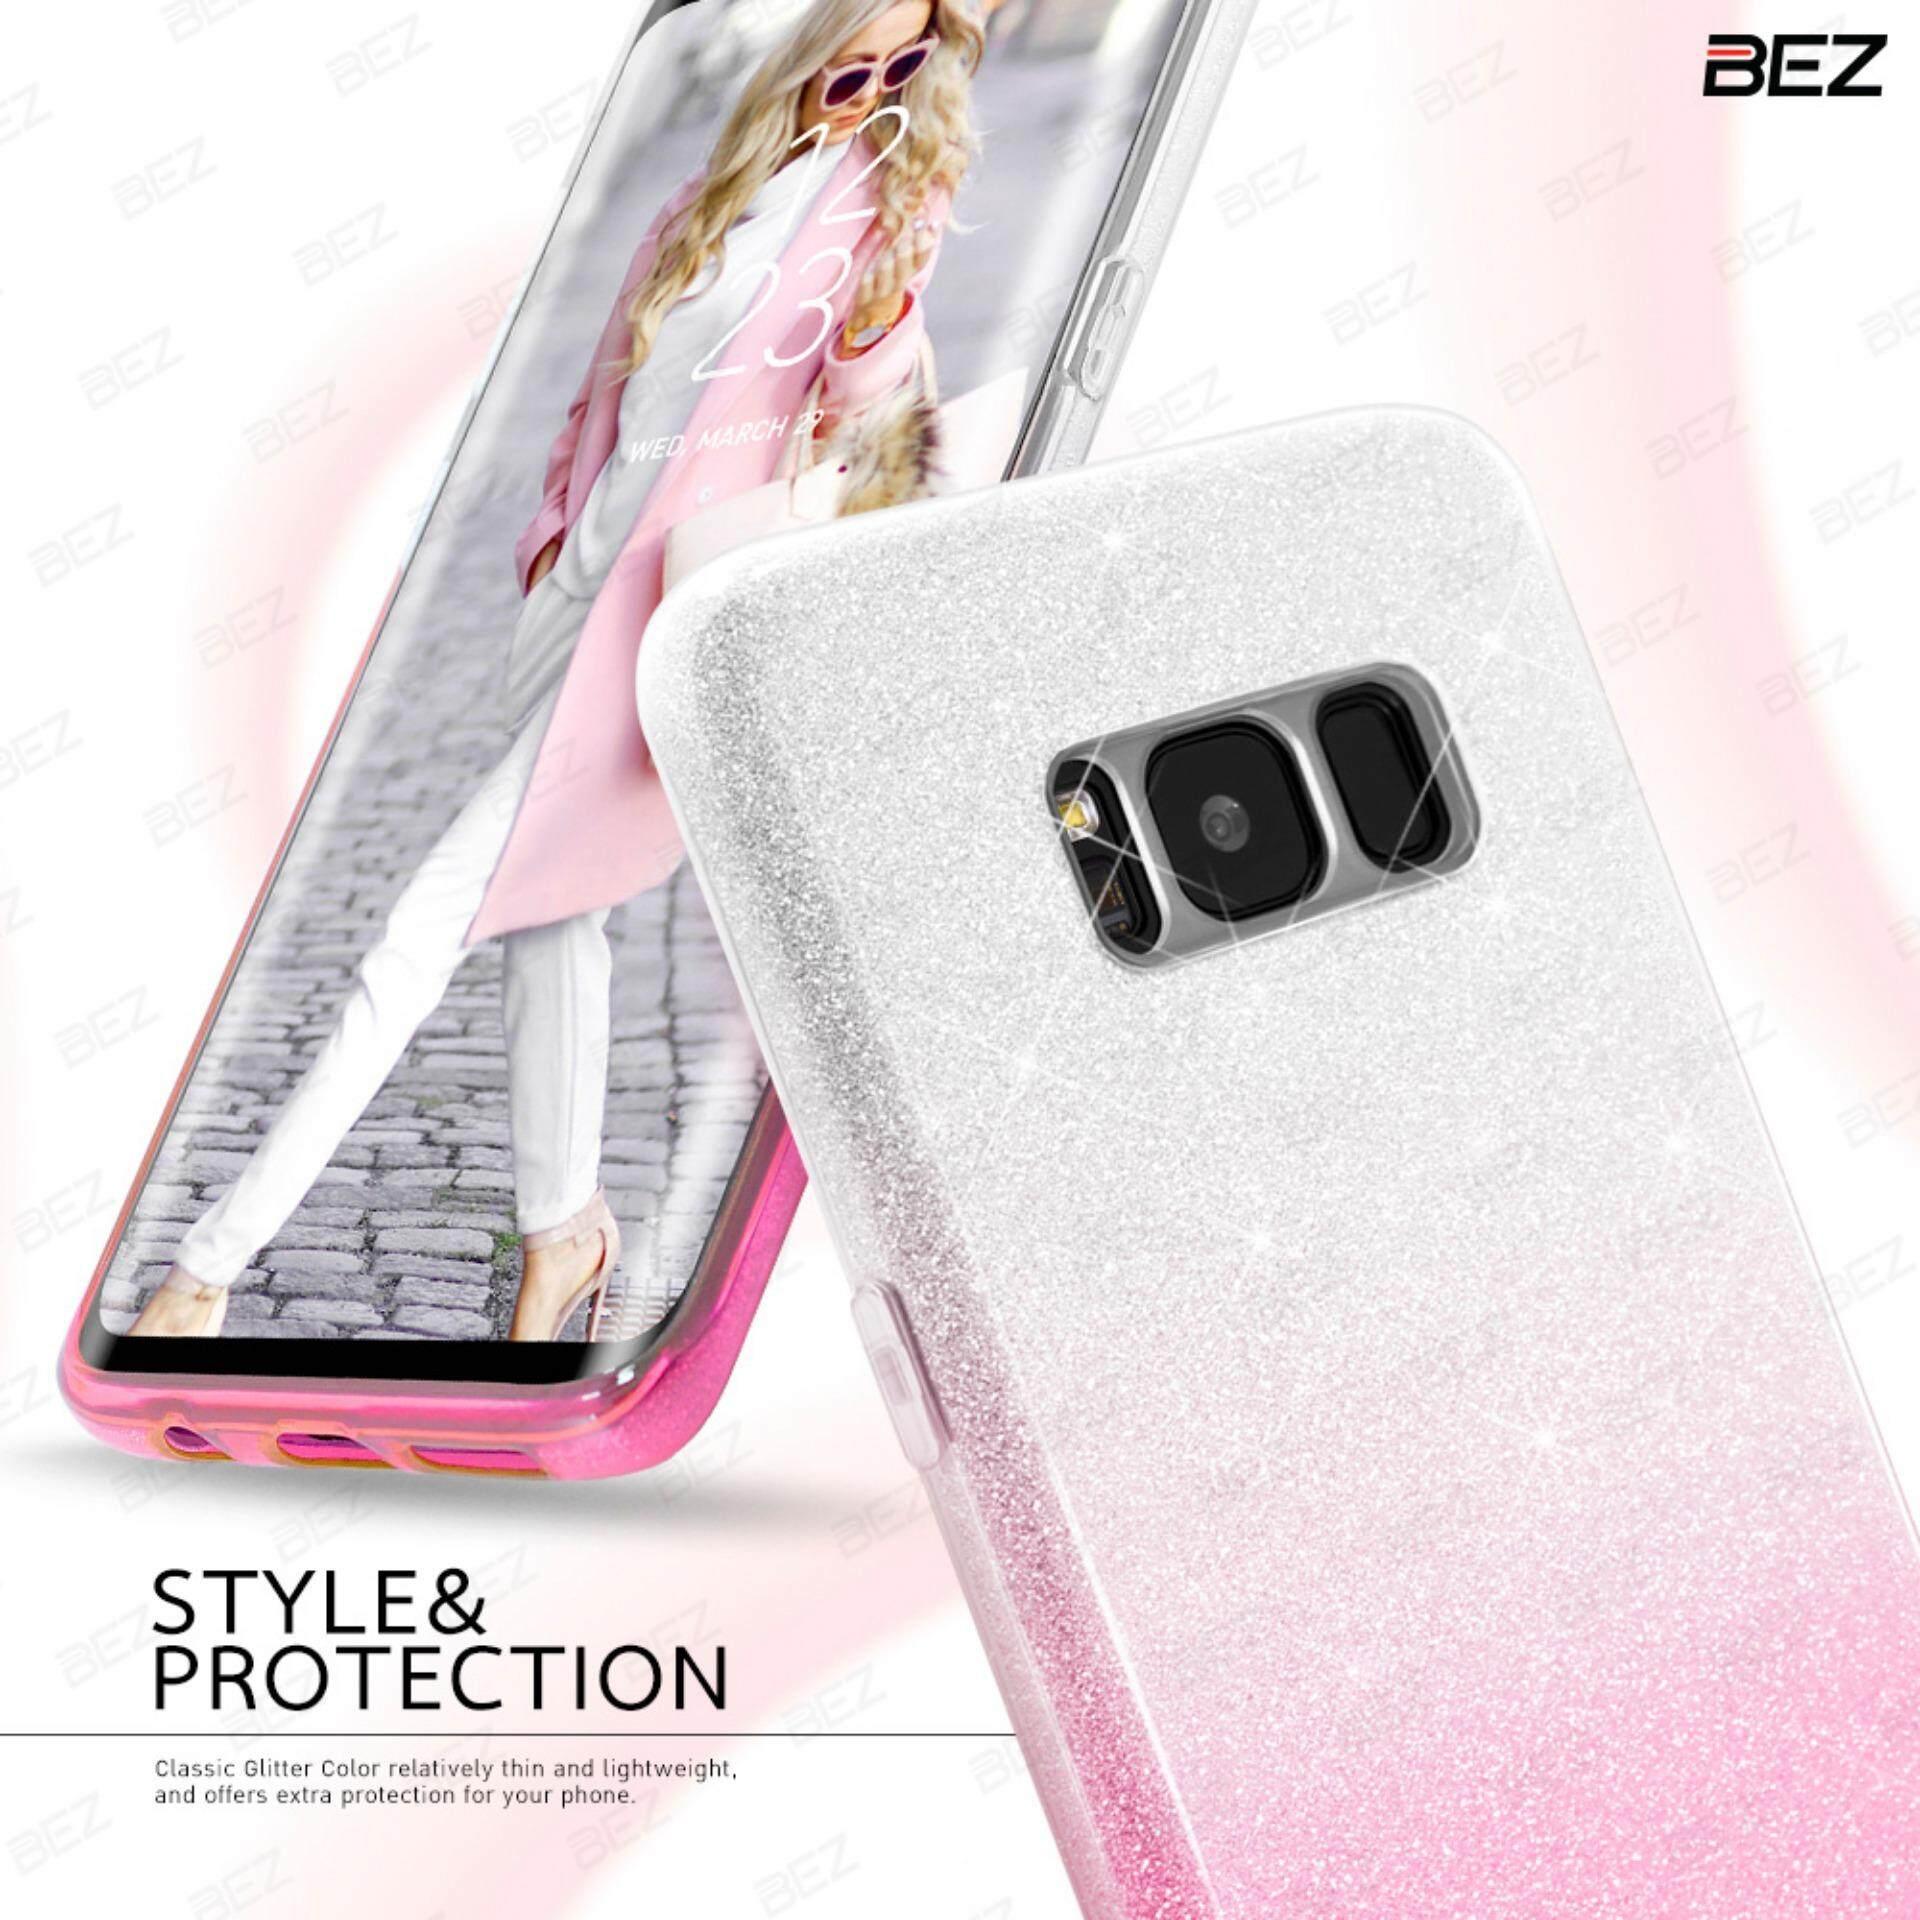 ขาย เคส S8 เคสSamsung S8 เคสซัมซุง S8 Cases Galaxy S8 Bez® เคสมือถือ ฟรุ้งฟริ้ง คริสตัล ติดกากเพชร ซิลิโคน เคสฝาหลัง กันกระแทก Bez® Samsung Galaxy S8 Glitter Bling Bling Phone Case Jg2 Gs8 ผู้ค้าส่ง